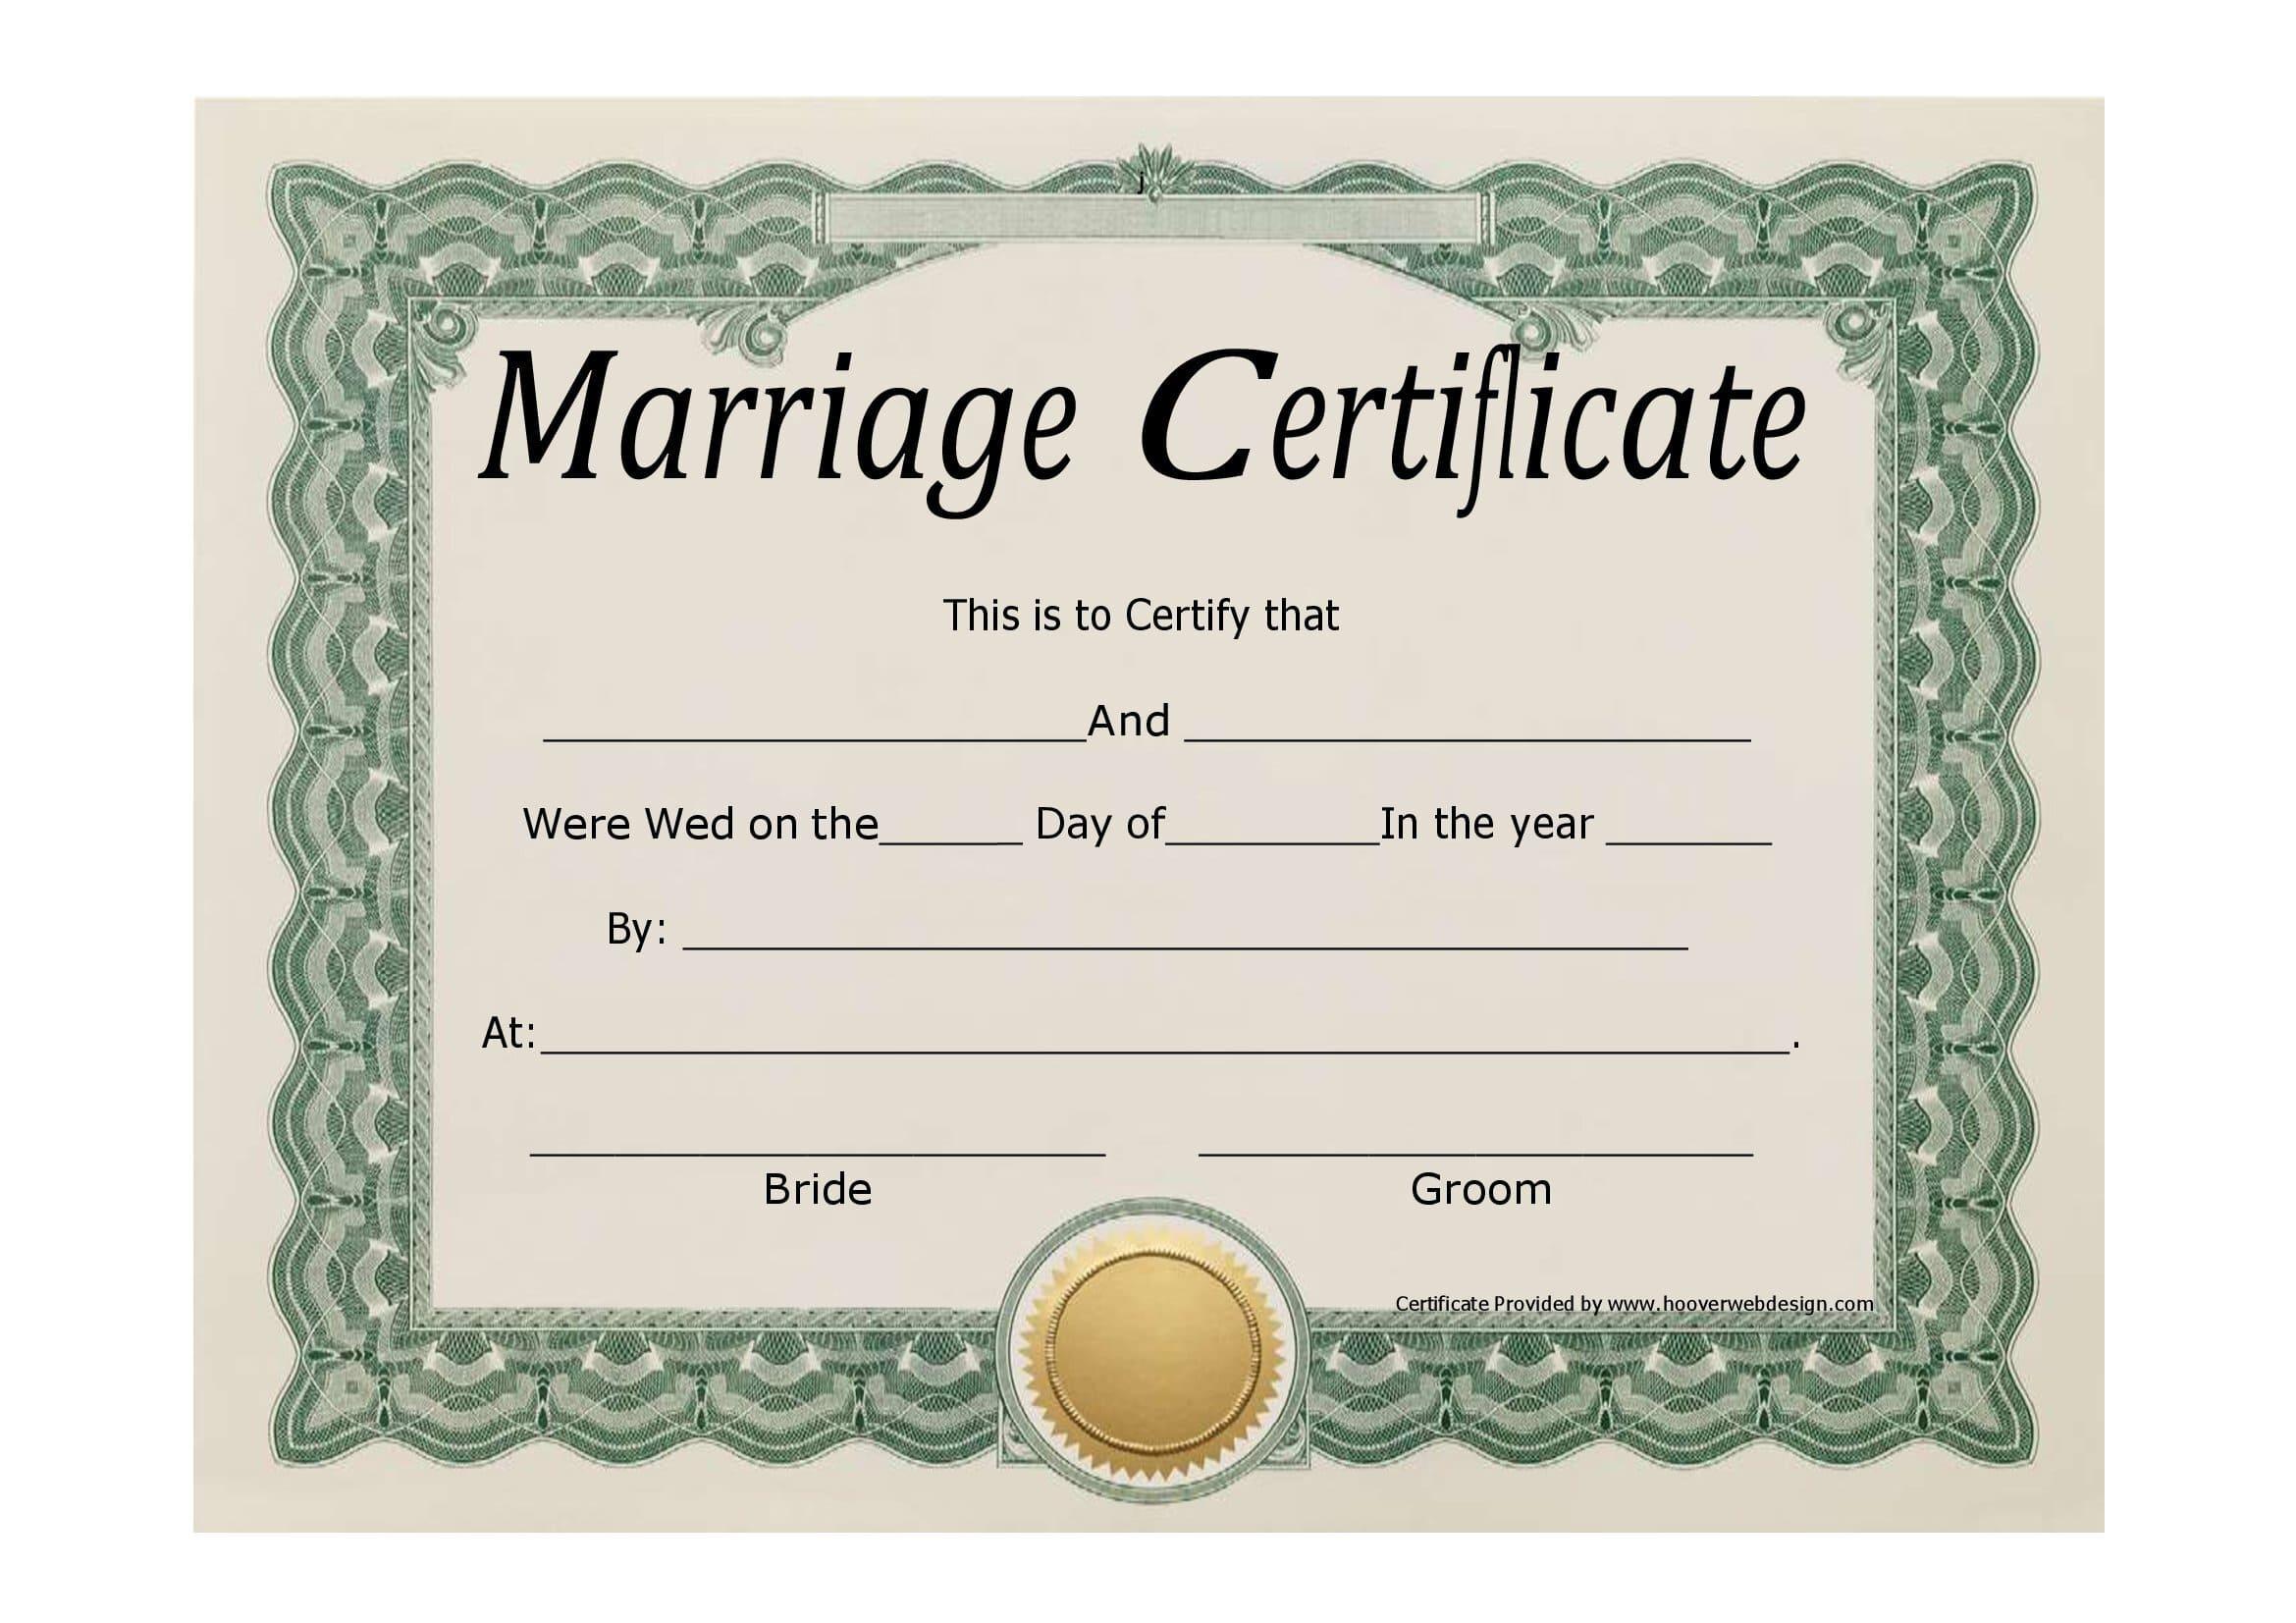 Registro Civil Certidão De Casamento Para Editar No Word